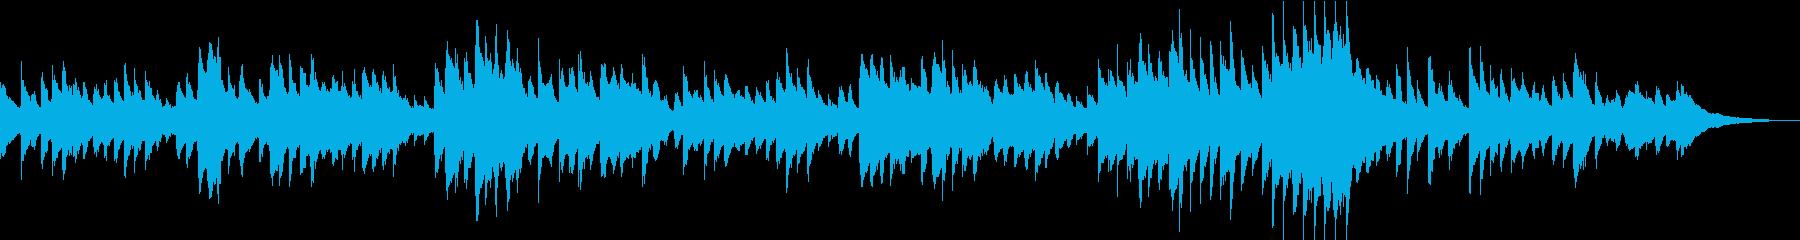 別れの曲/ショパン・アコギの再生済みの波形